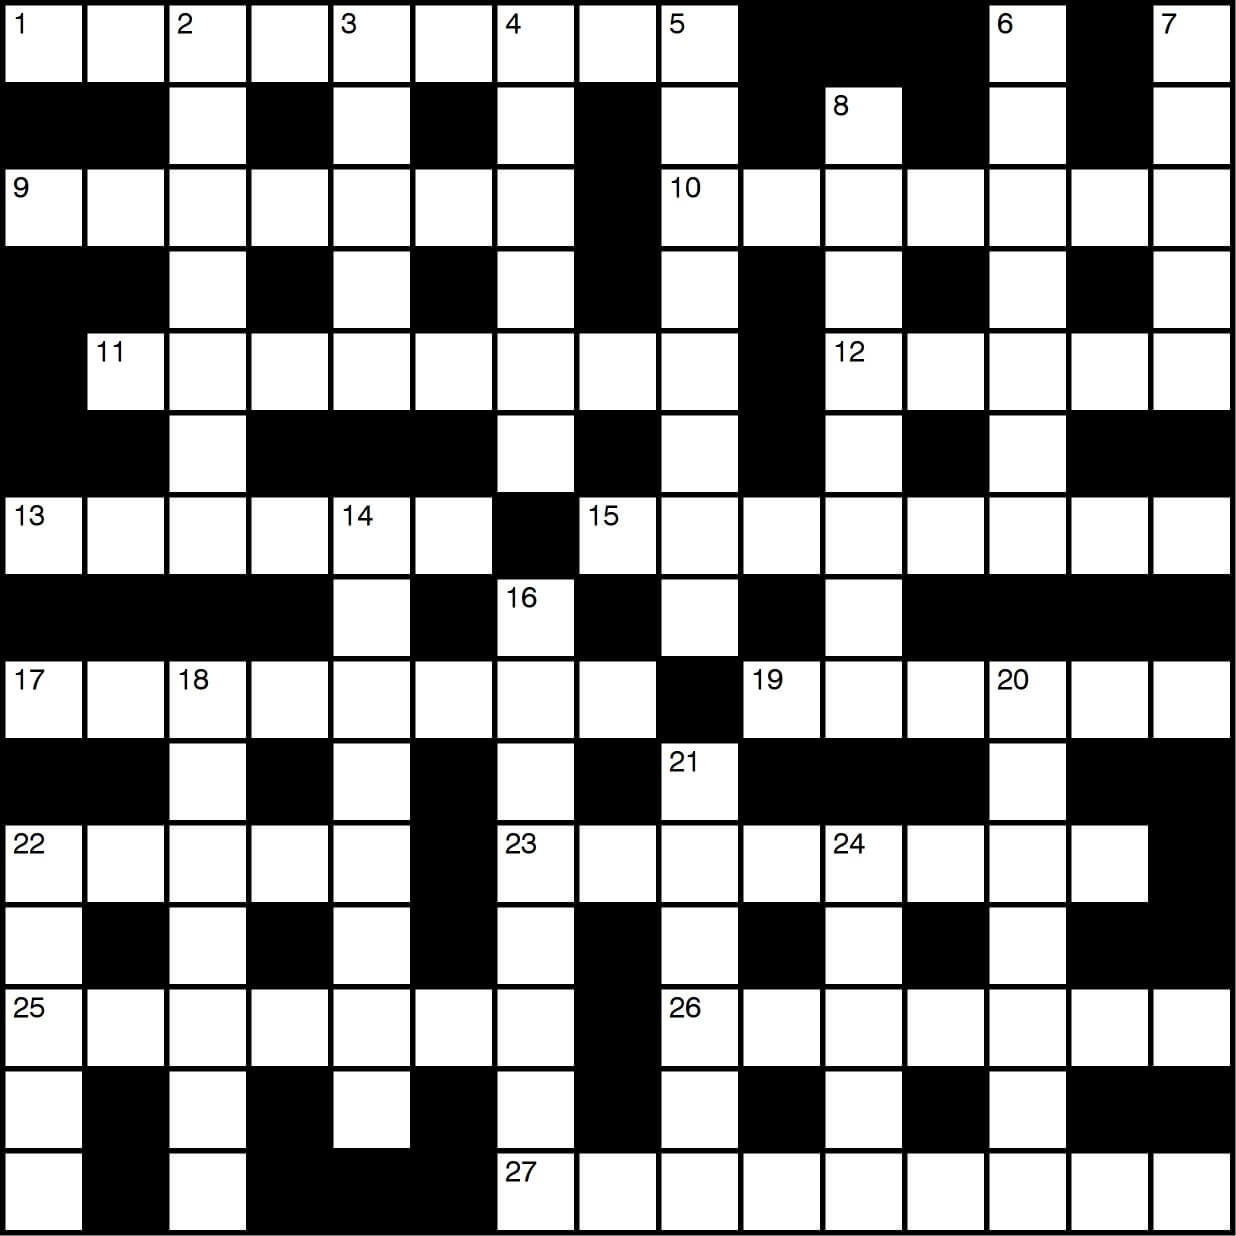 missing-vowels-uk-15